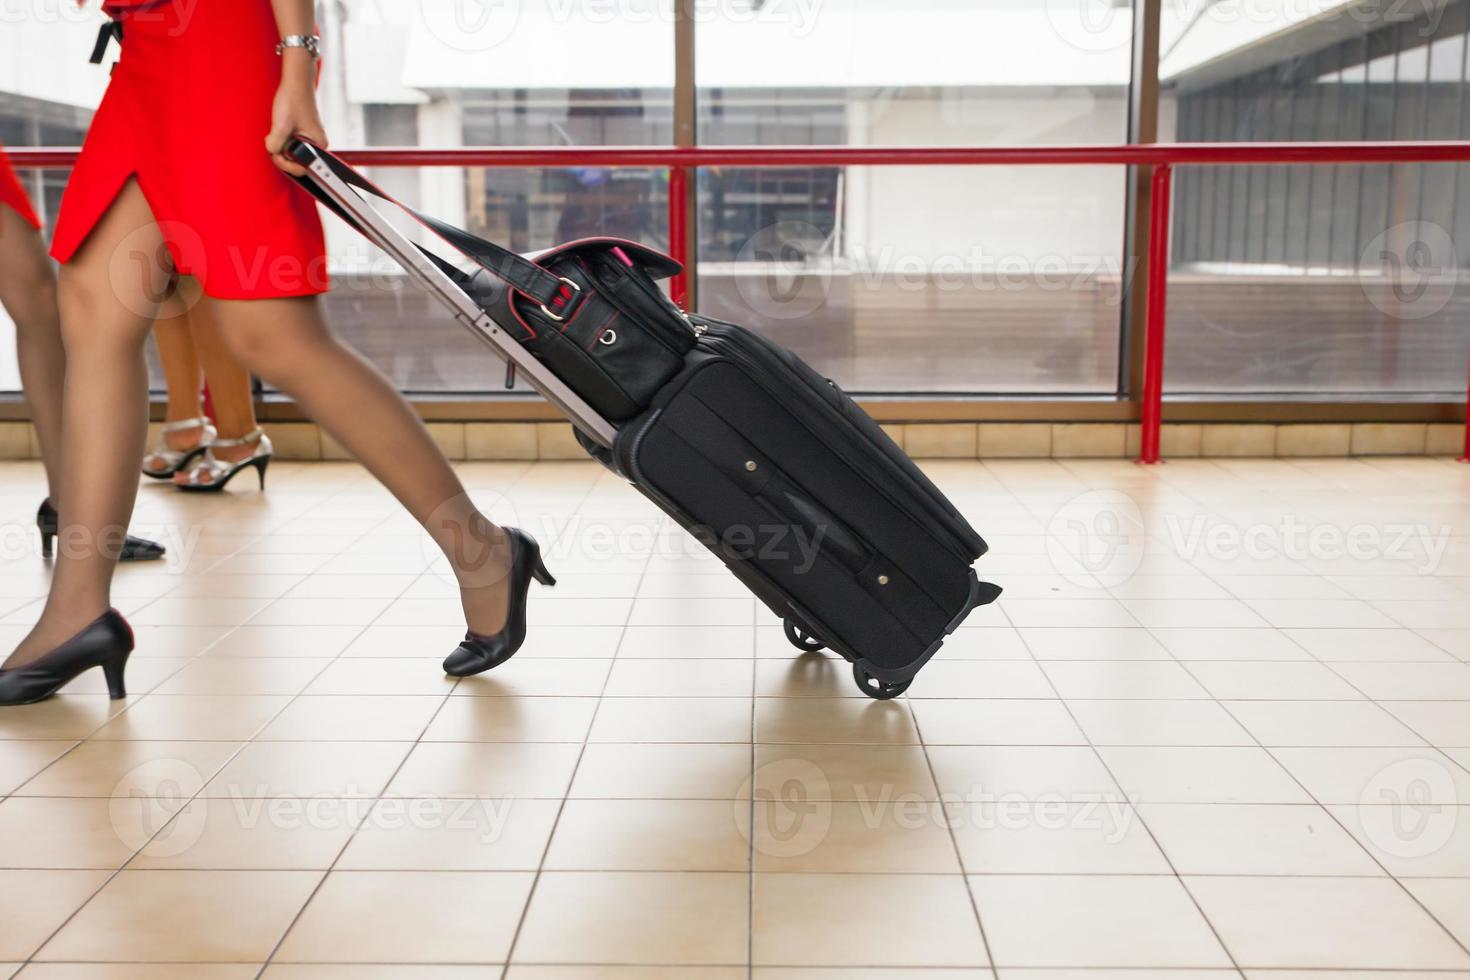 les femmes portent leurs bagages à l'aéroport photo